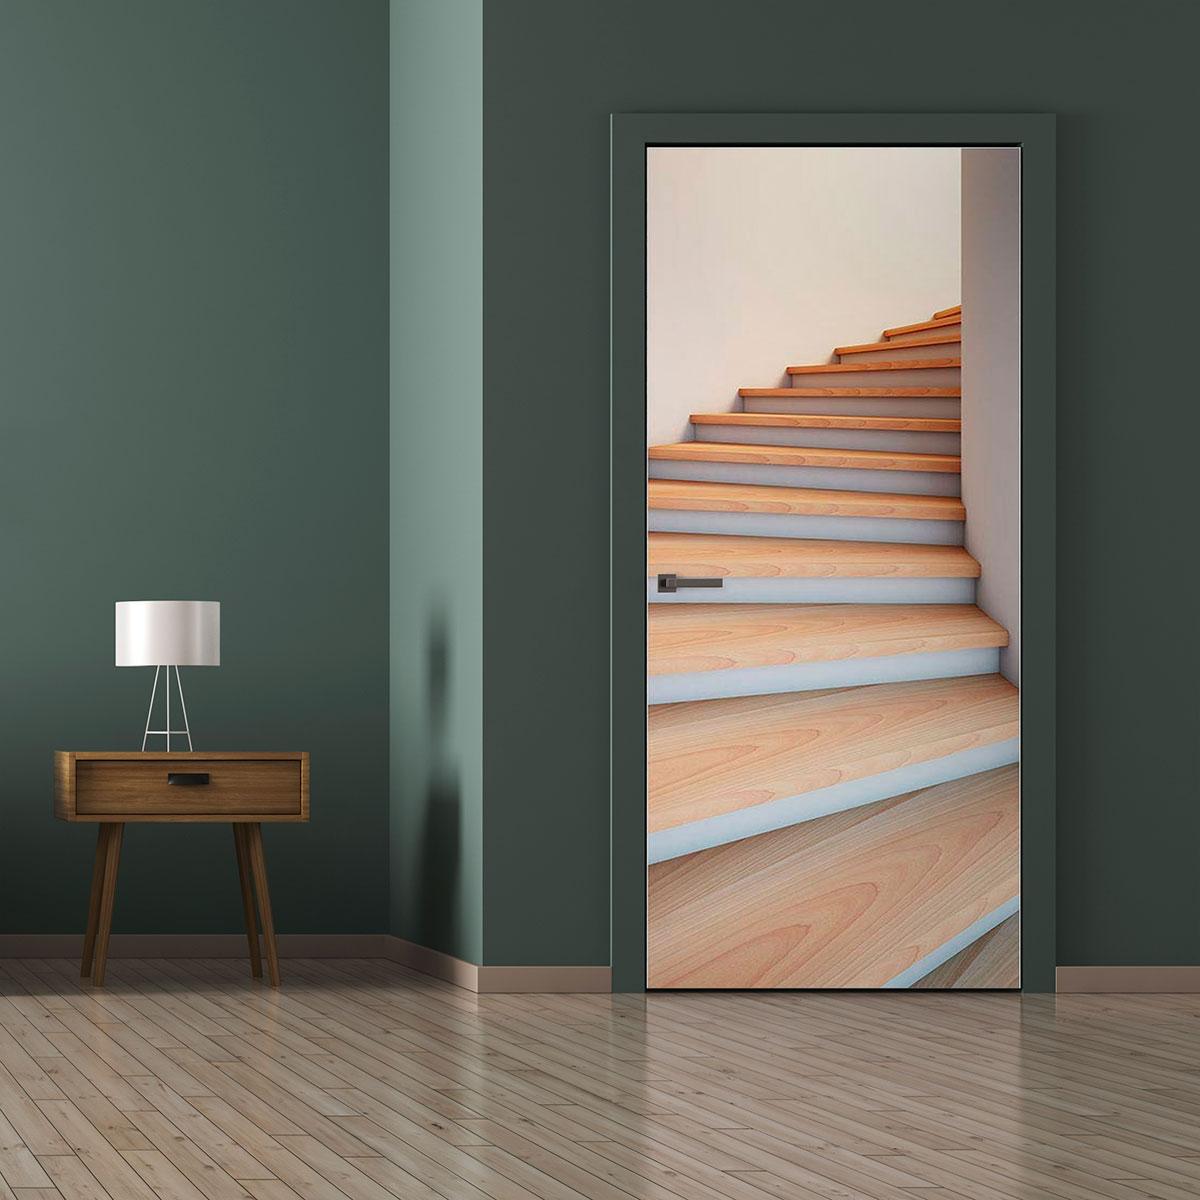 Papier Peint Trompe L Oeil Porte Placard sticker porte hall d'escaliers